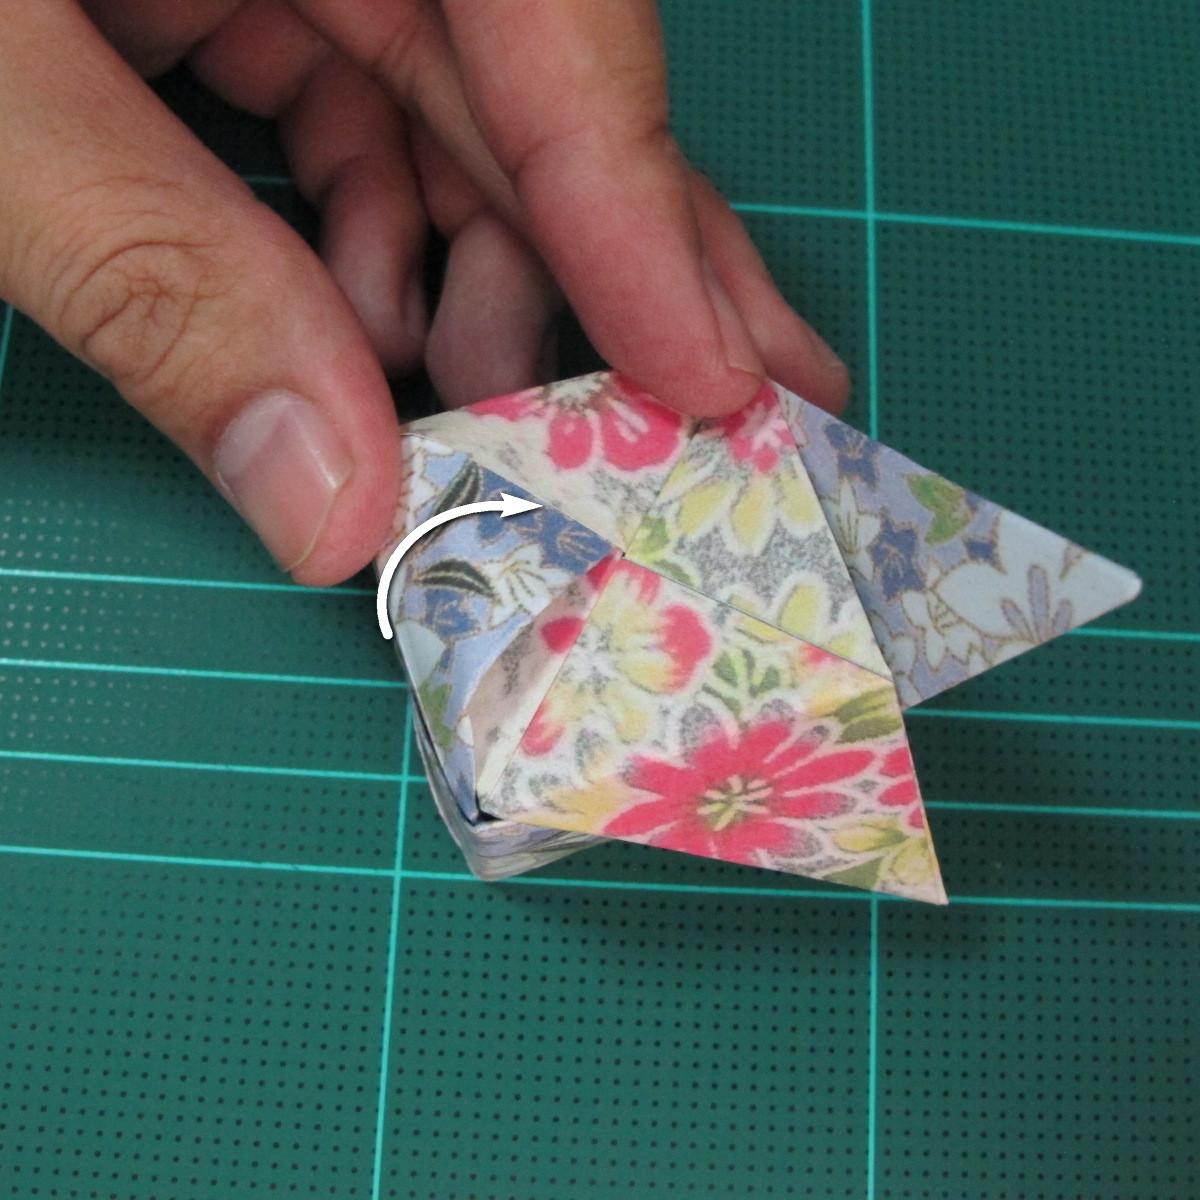 การพับกระดาษเป็นรูปเรขาคณิตทรงลูกบาศก์แบบแยกชิ้นประกอบ (Modular Origami Cube) 036